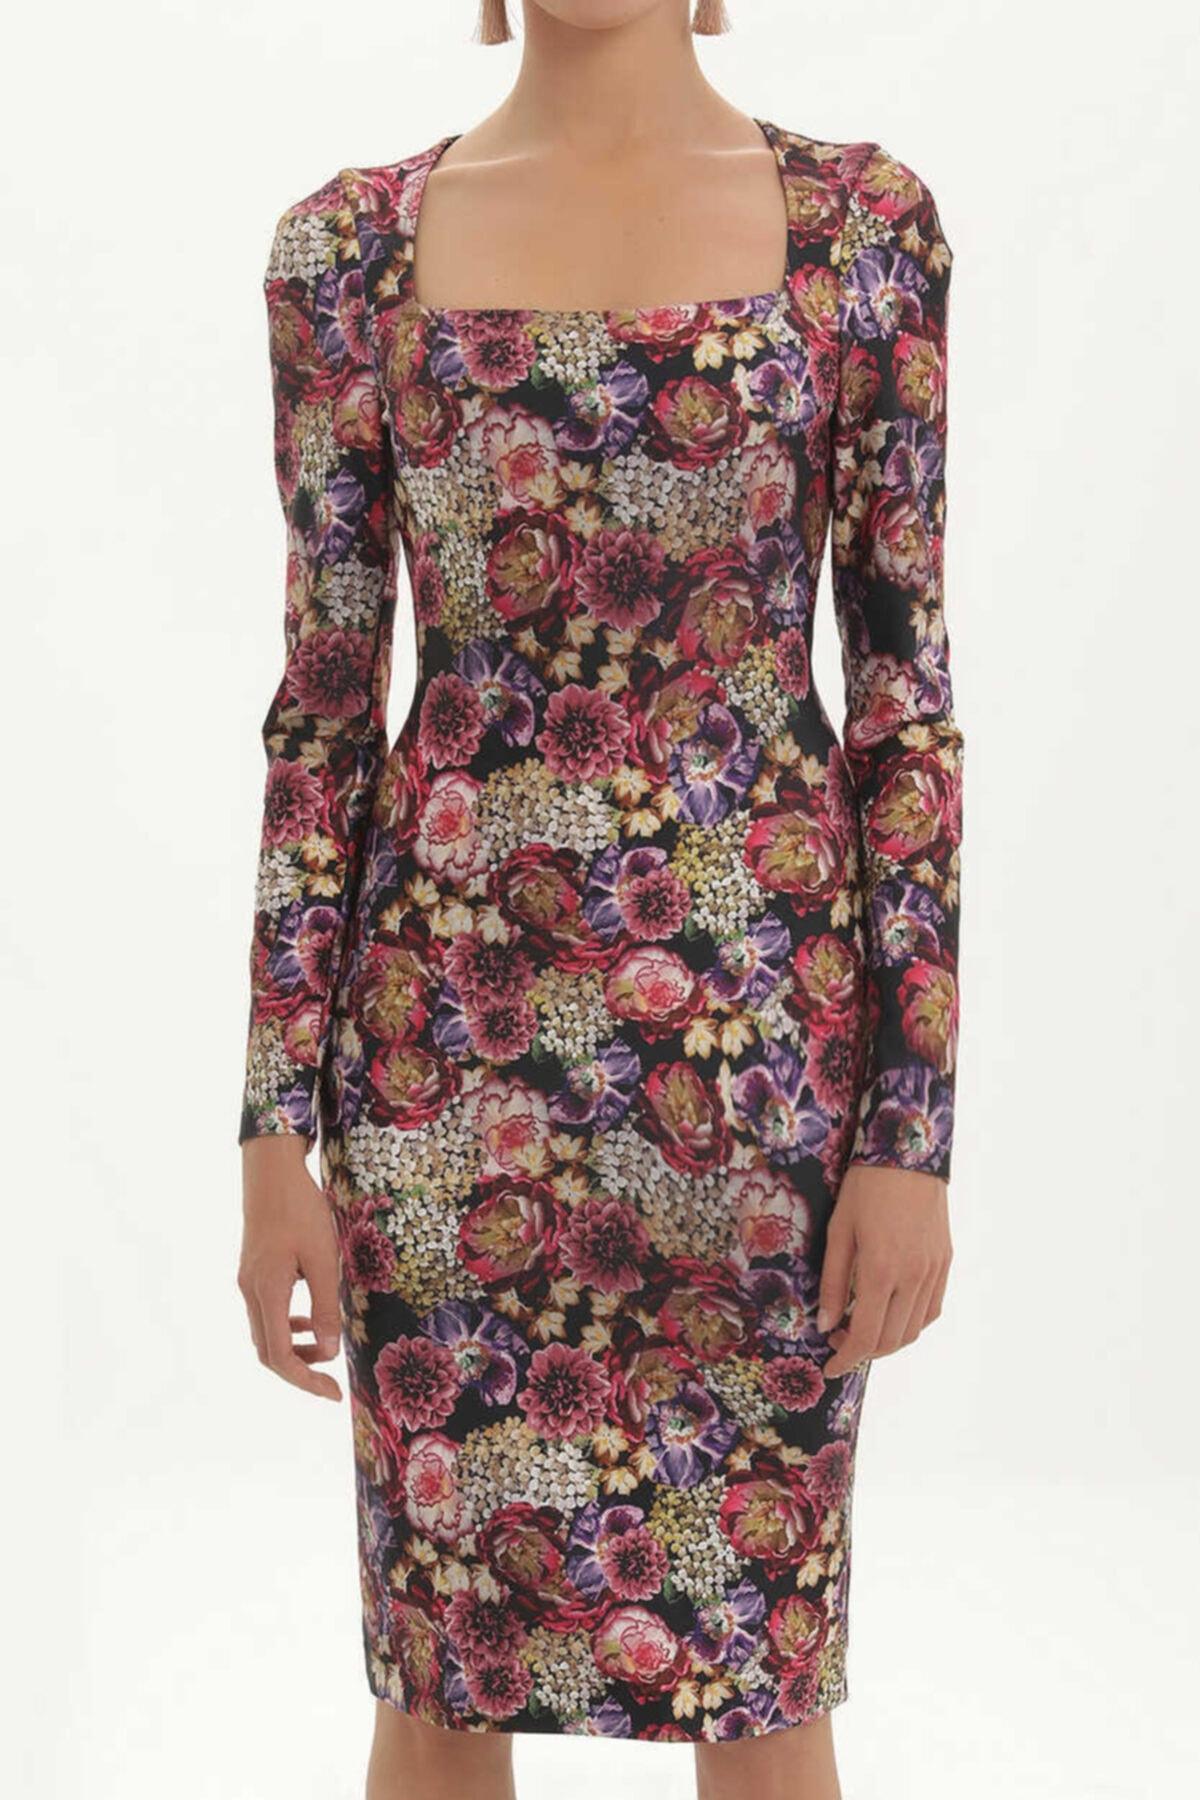 SOCIETA - Baskılı Örme Elbise 91409 Siyah 2